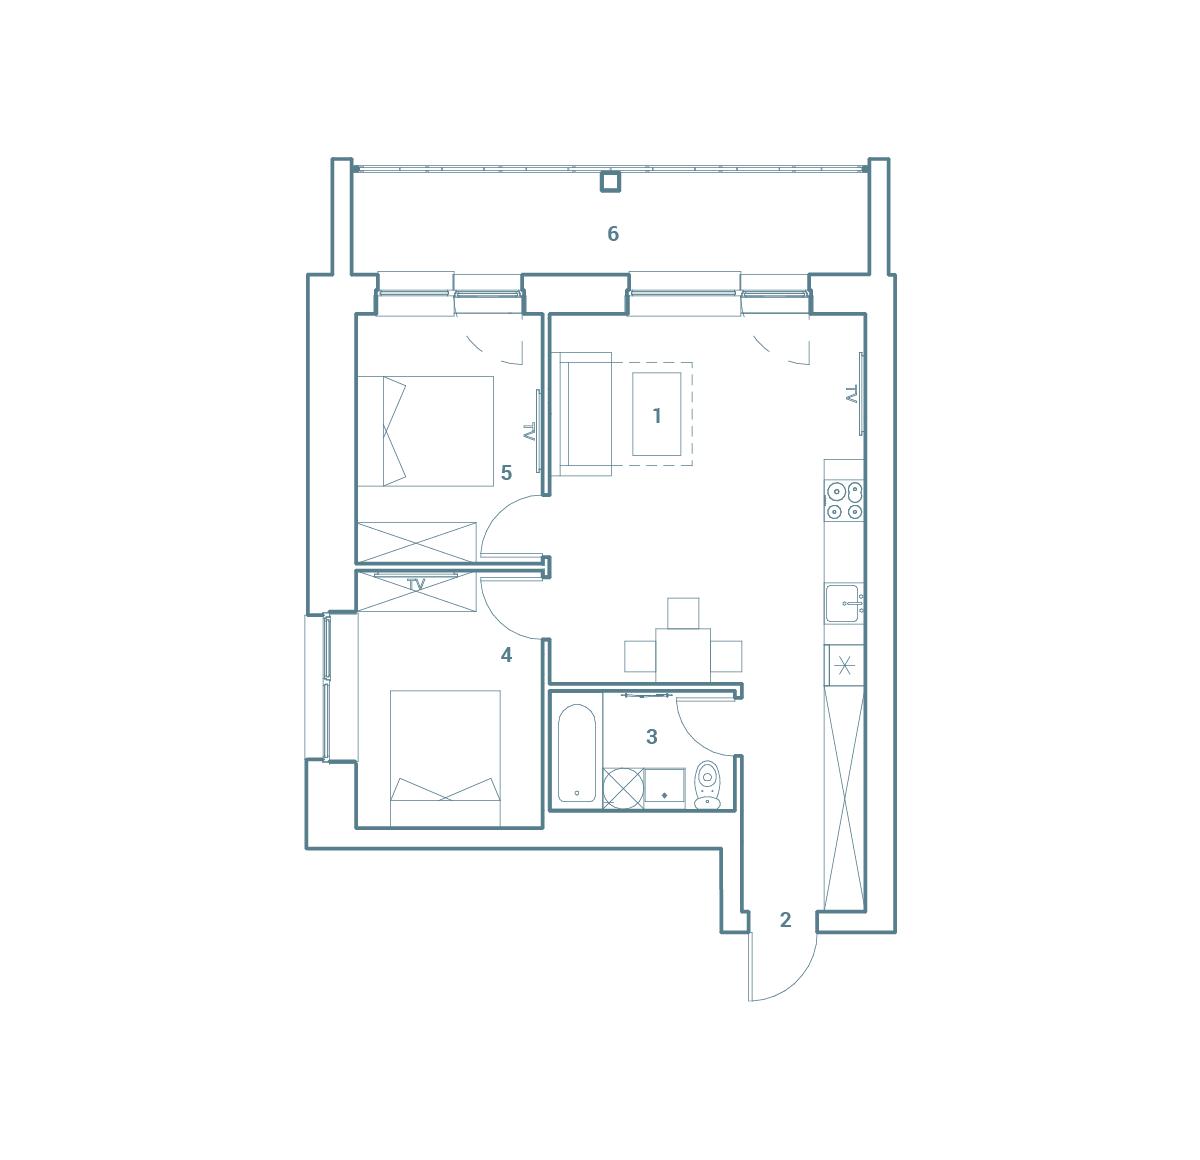 parduodamas butas Lazdynėlių g. 16B - 35  Vilniuje, buto 2D vaizdas